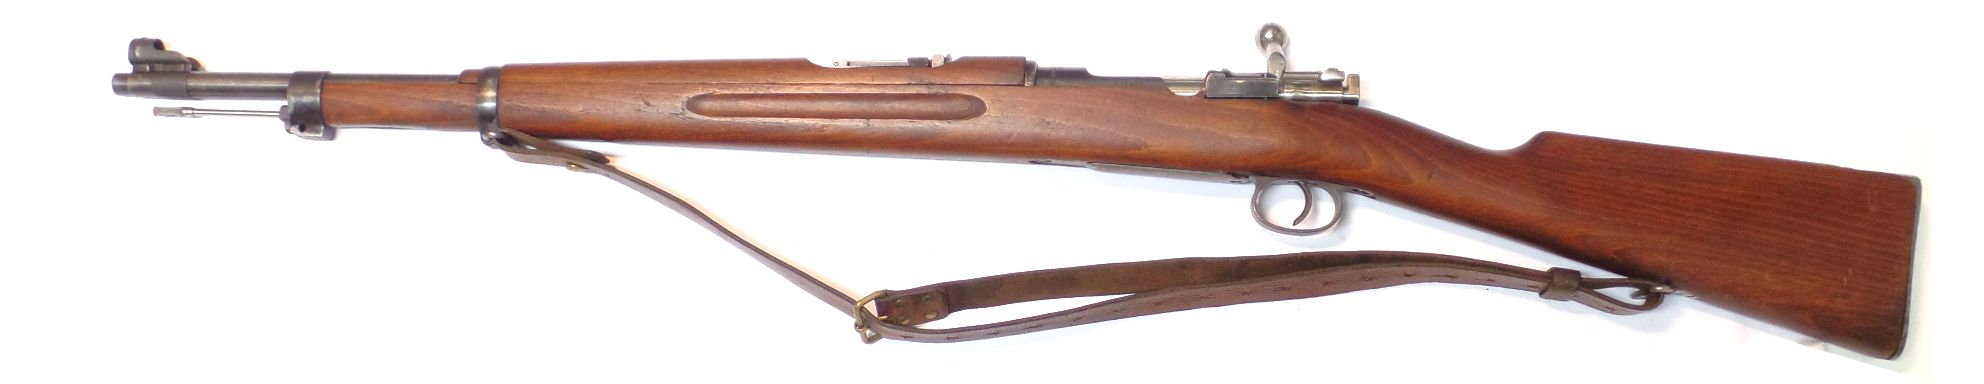 HUSQVARNA M38 calibre 6.5x55